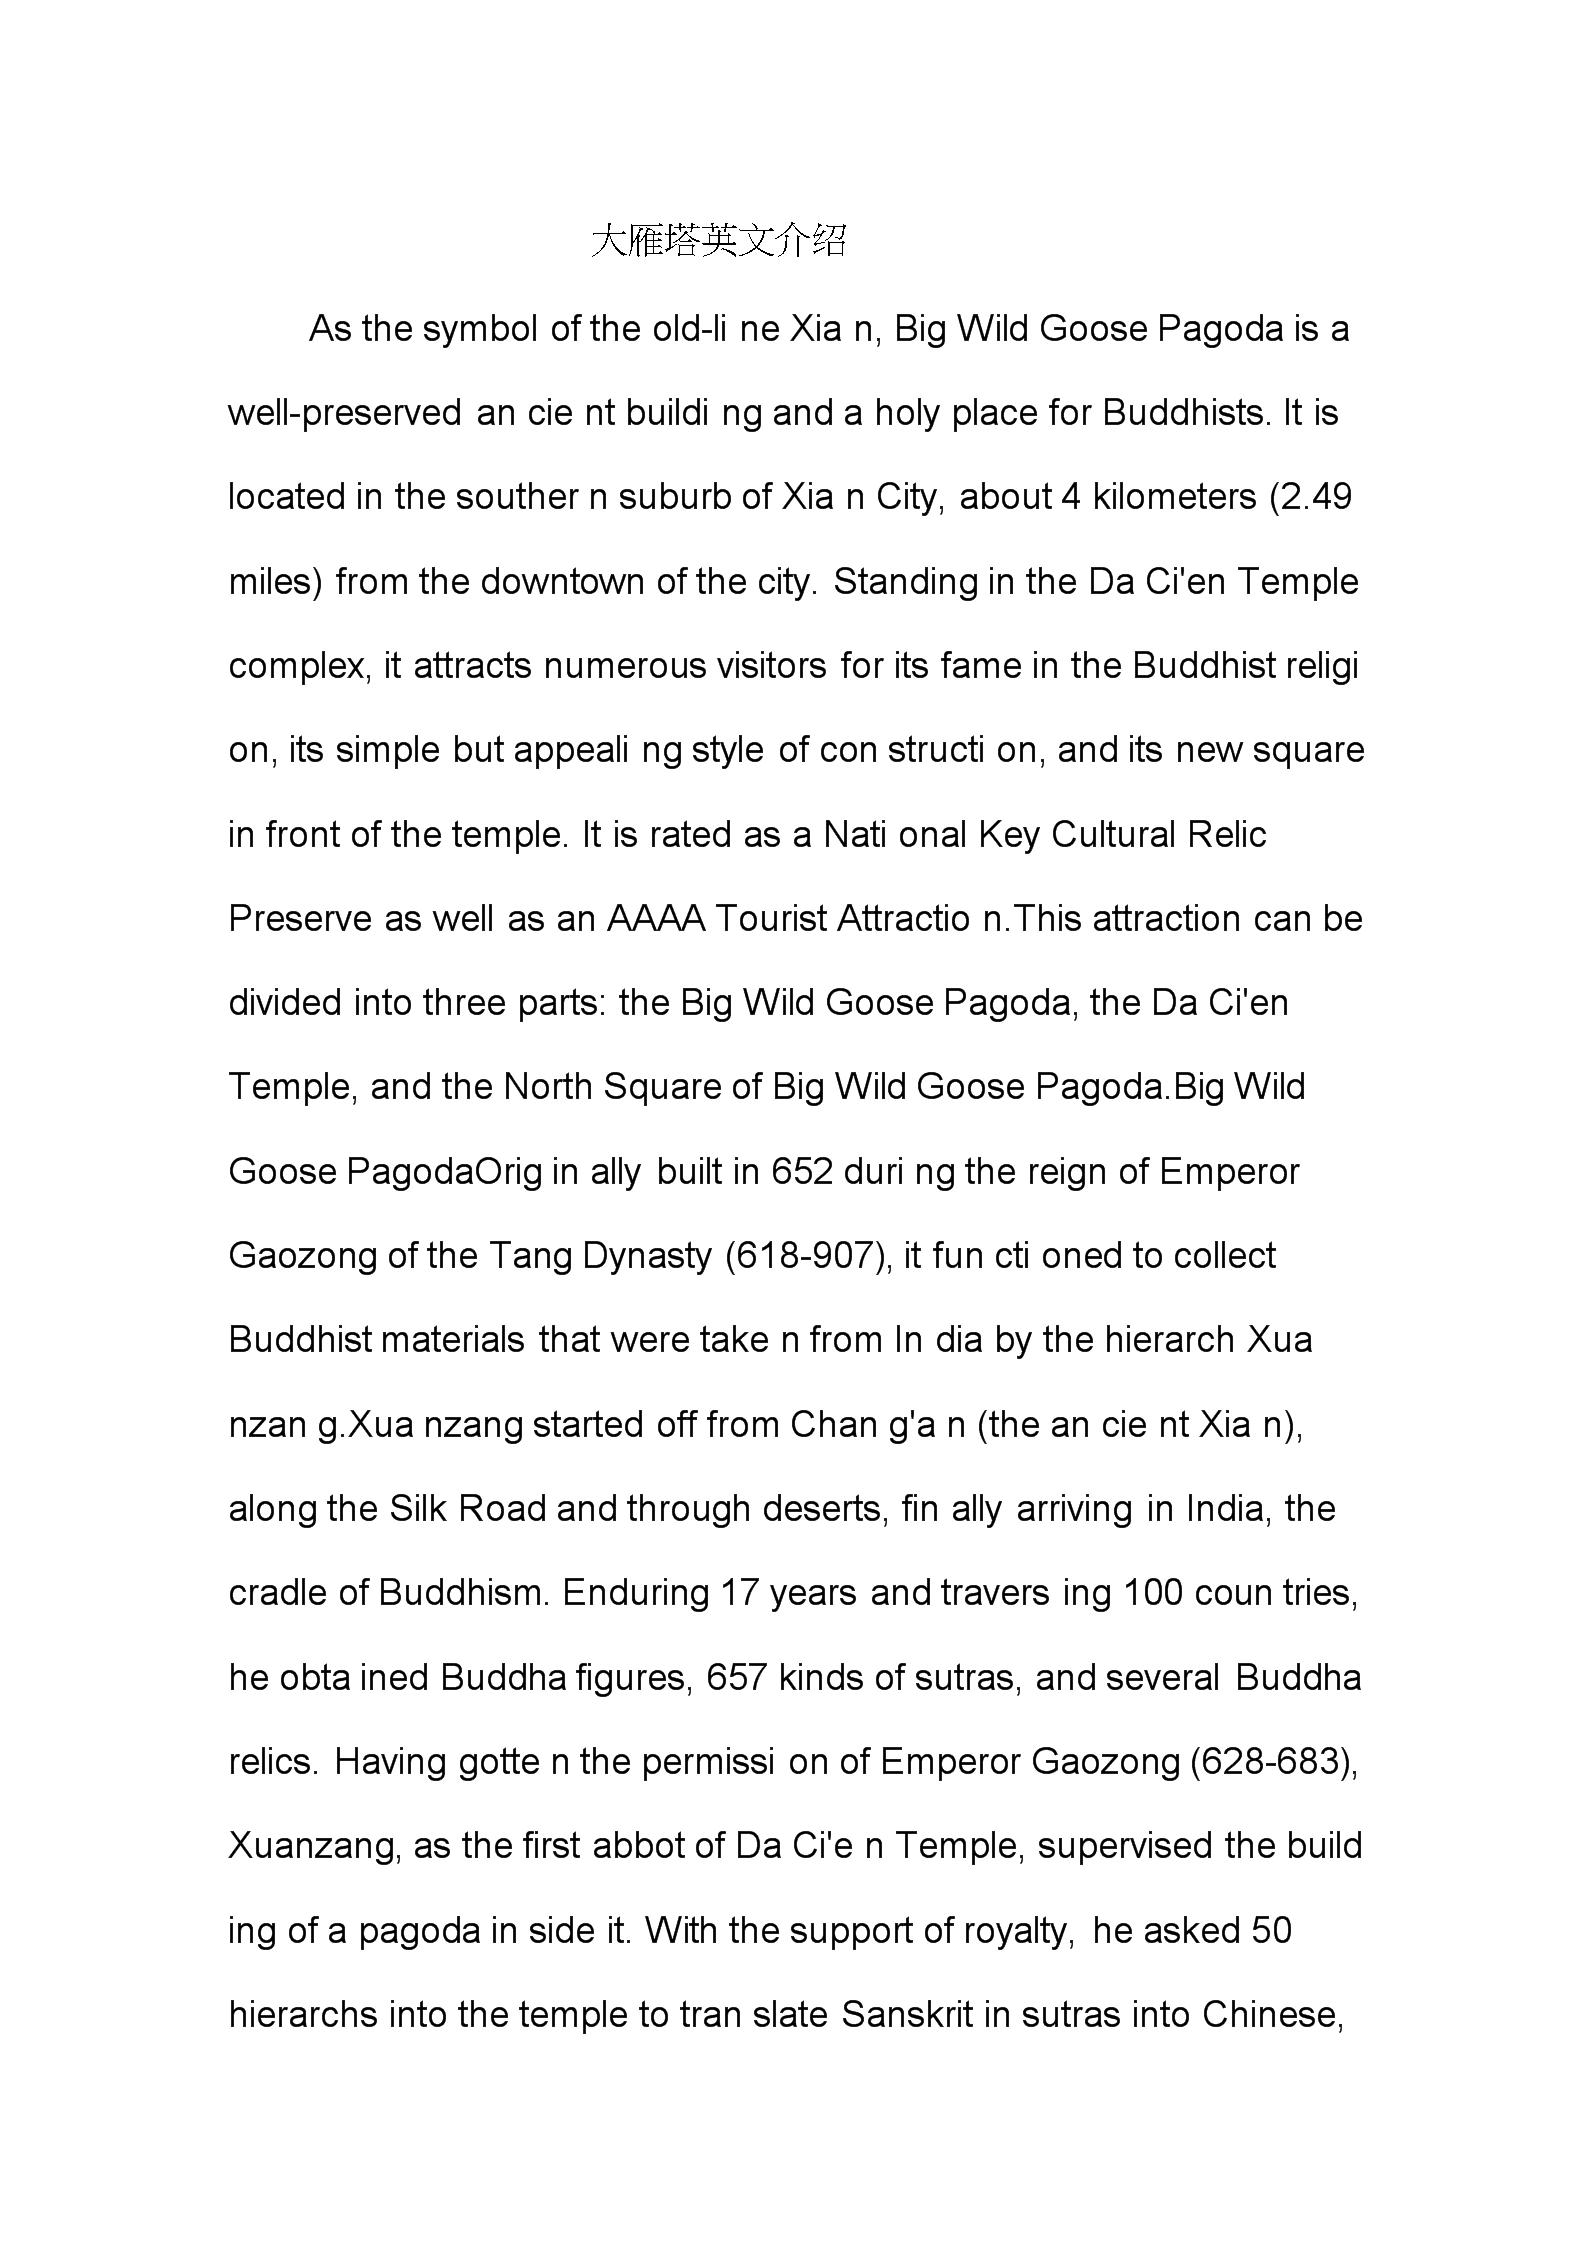 大雁塔英文介绍---双语介绍.docx